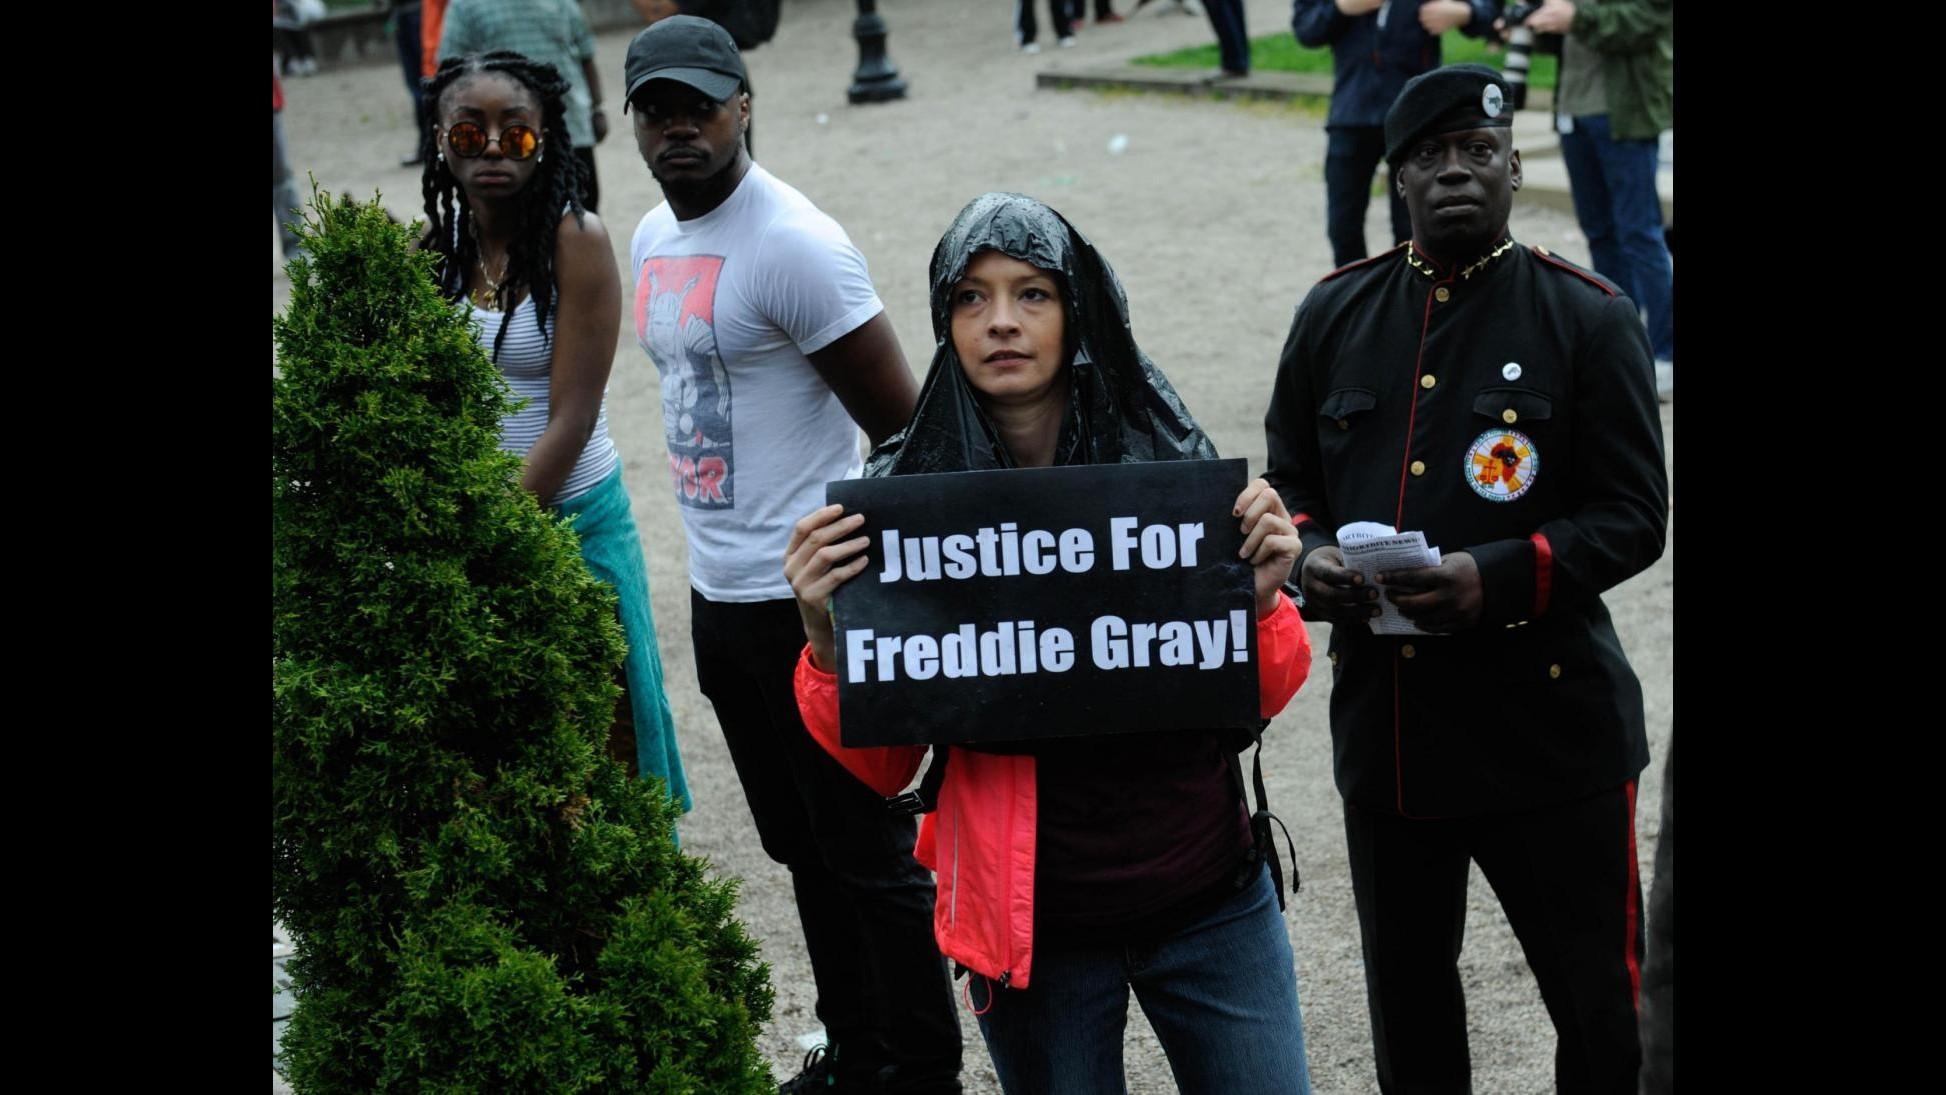 Usa, procura Baltimora: incriminati 6 poliziotti per morte Freddie Gray